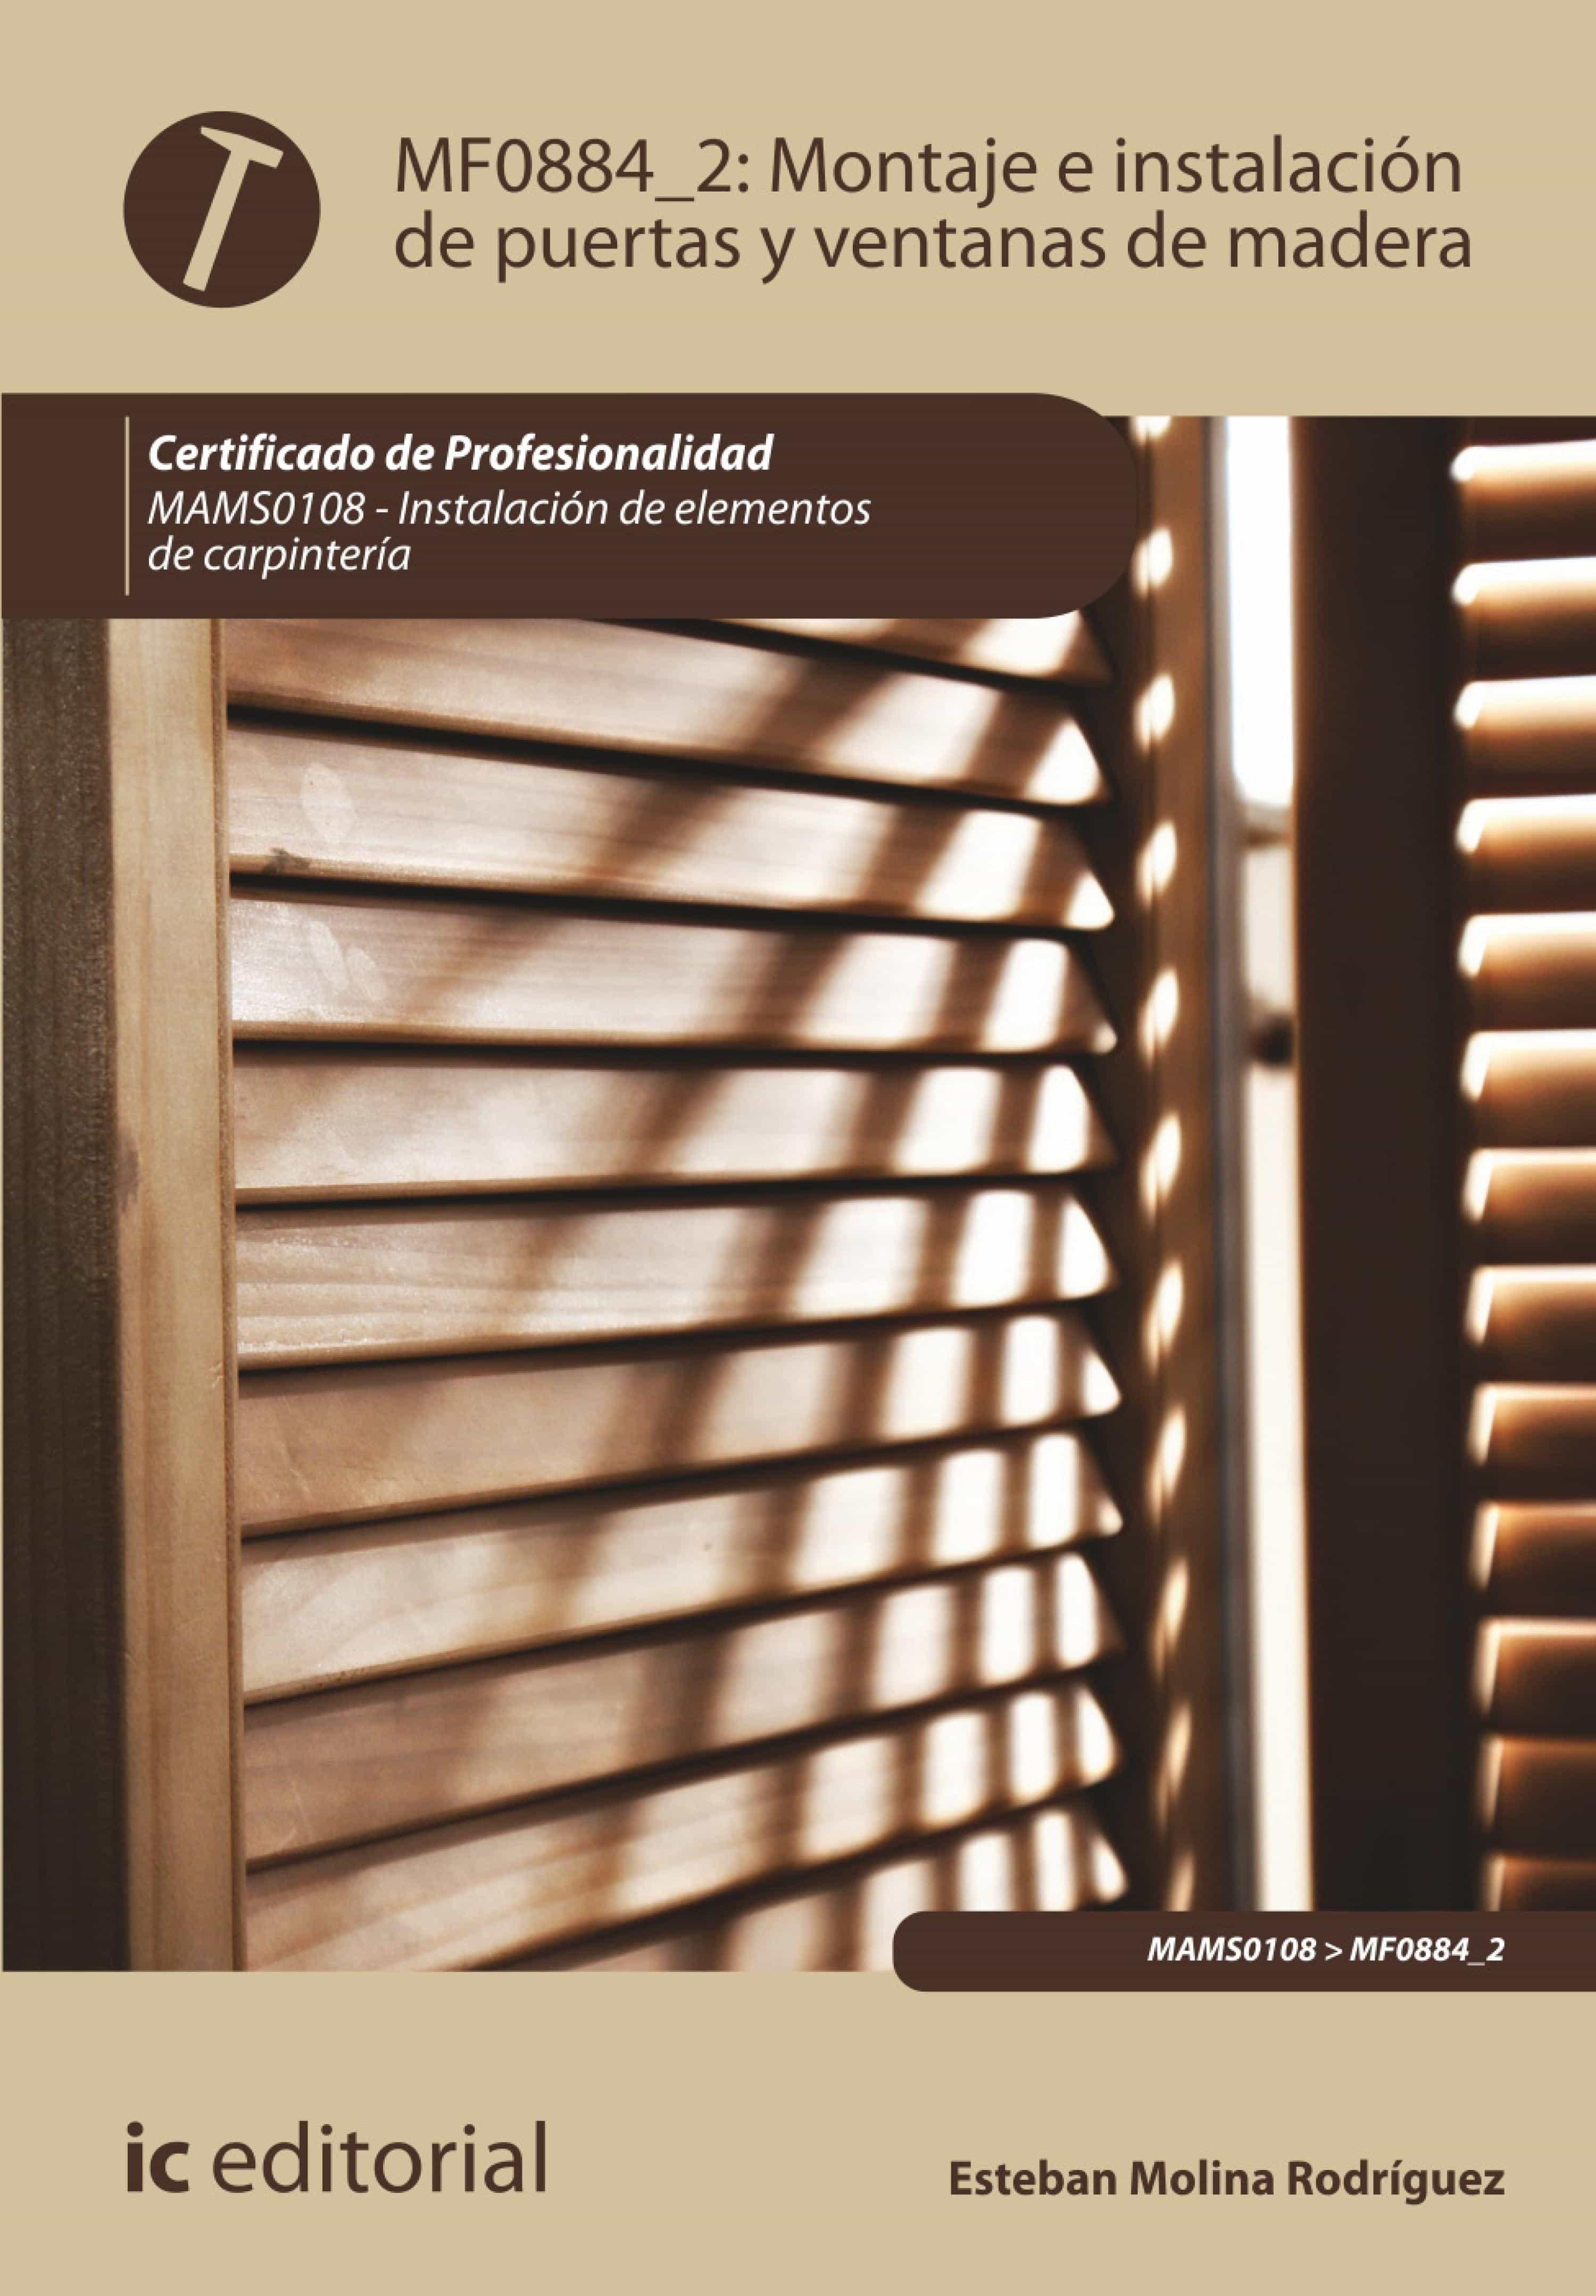 Montaje e instalaci n de puertas y ventanas de madera - Instalacion de puertas de madera ...